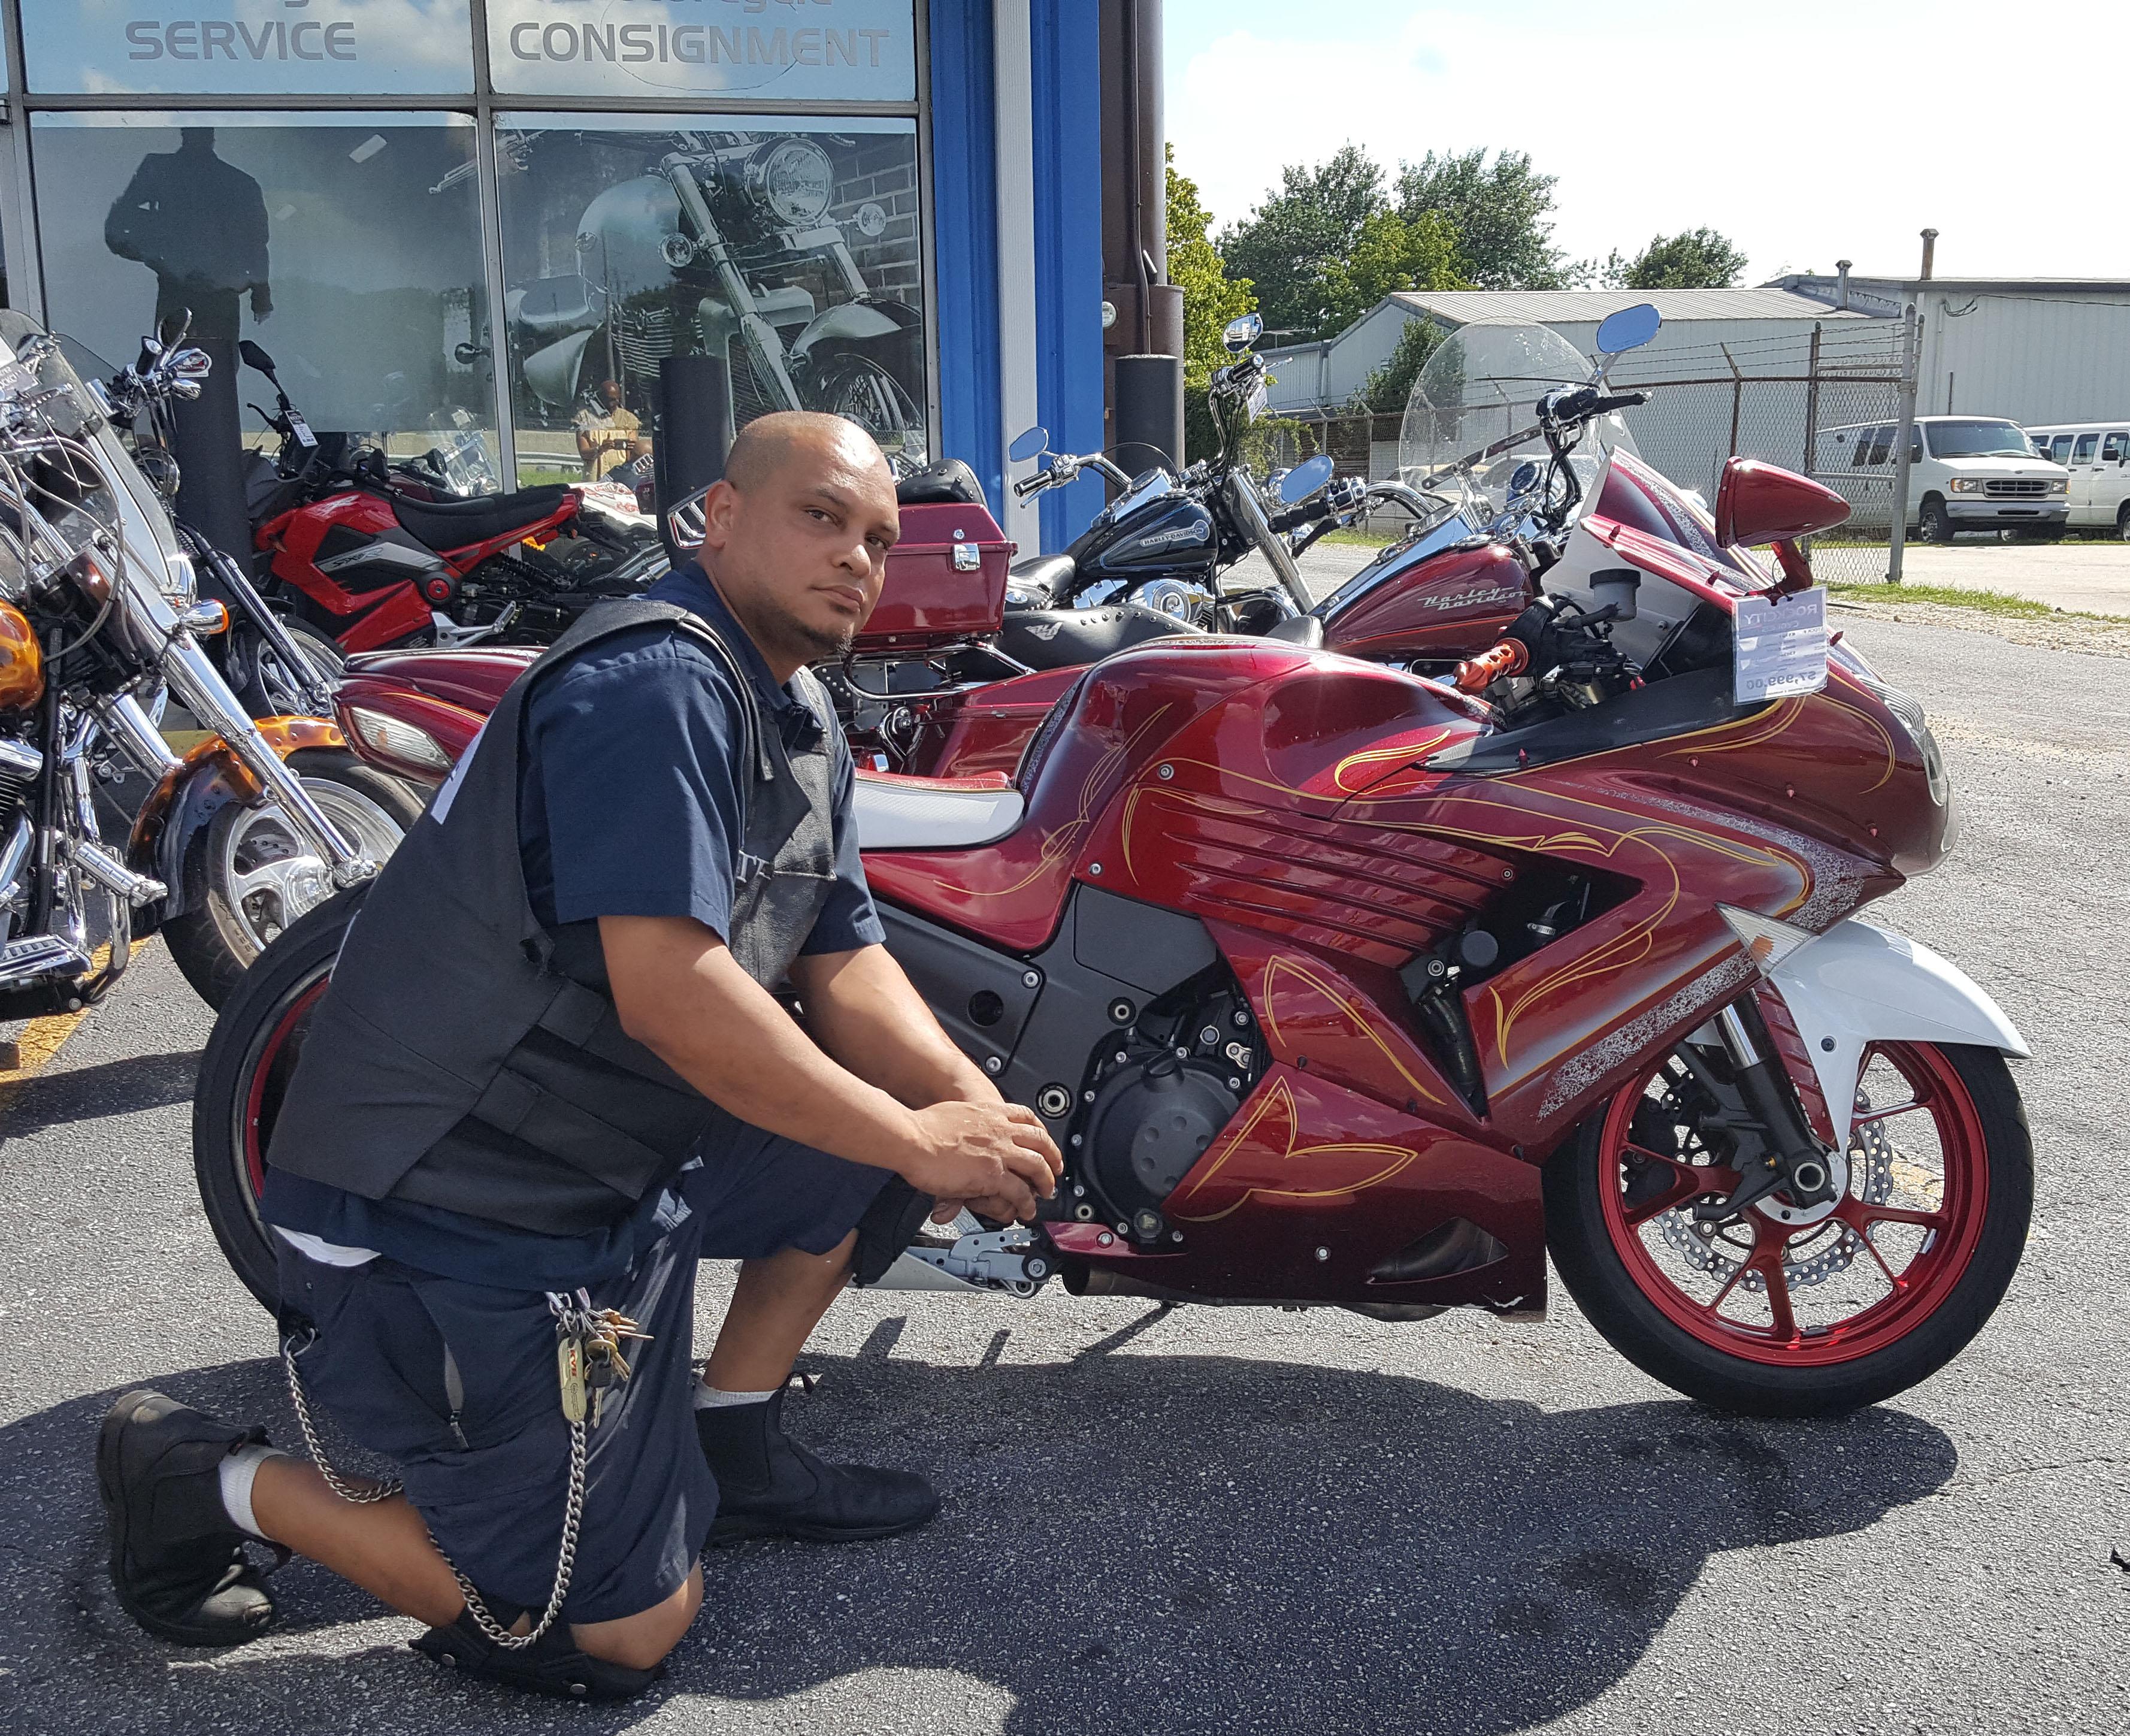 Timothy P. with his 2008 Kawasaki Ninja ZX14R